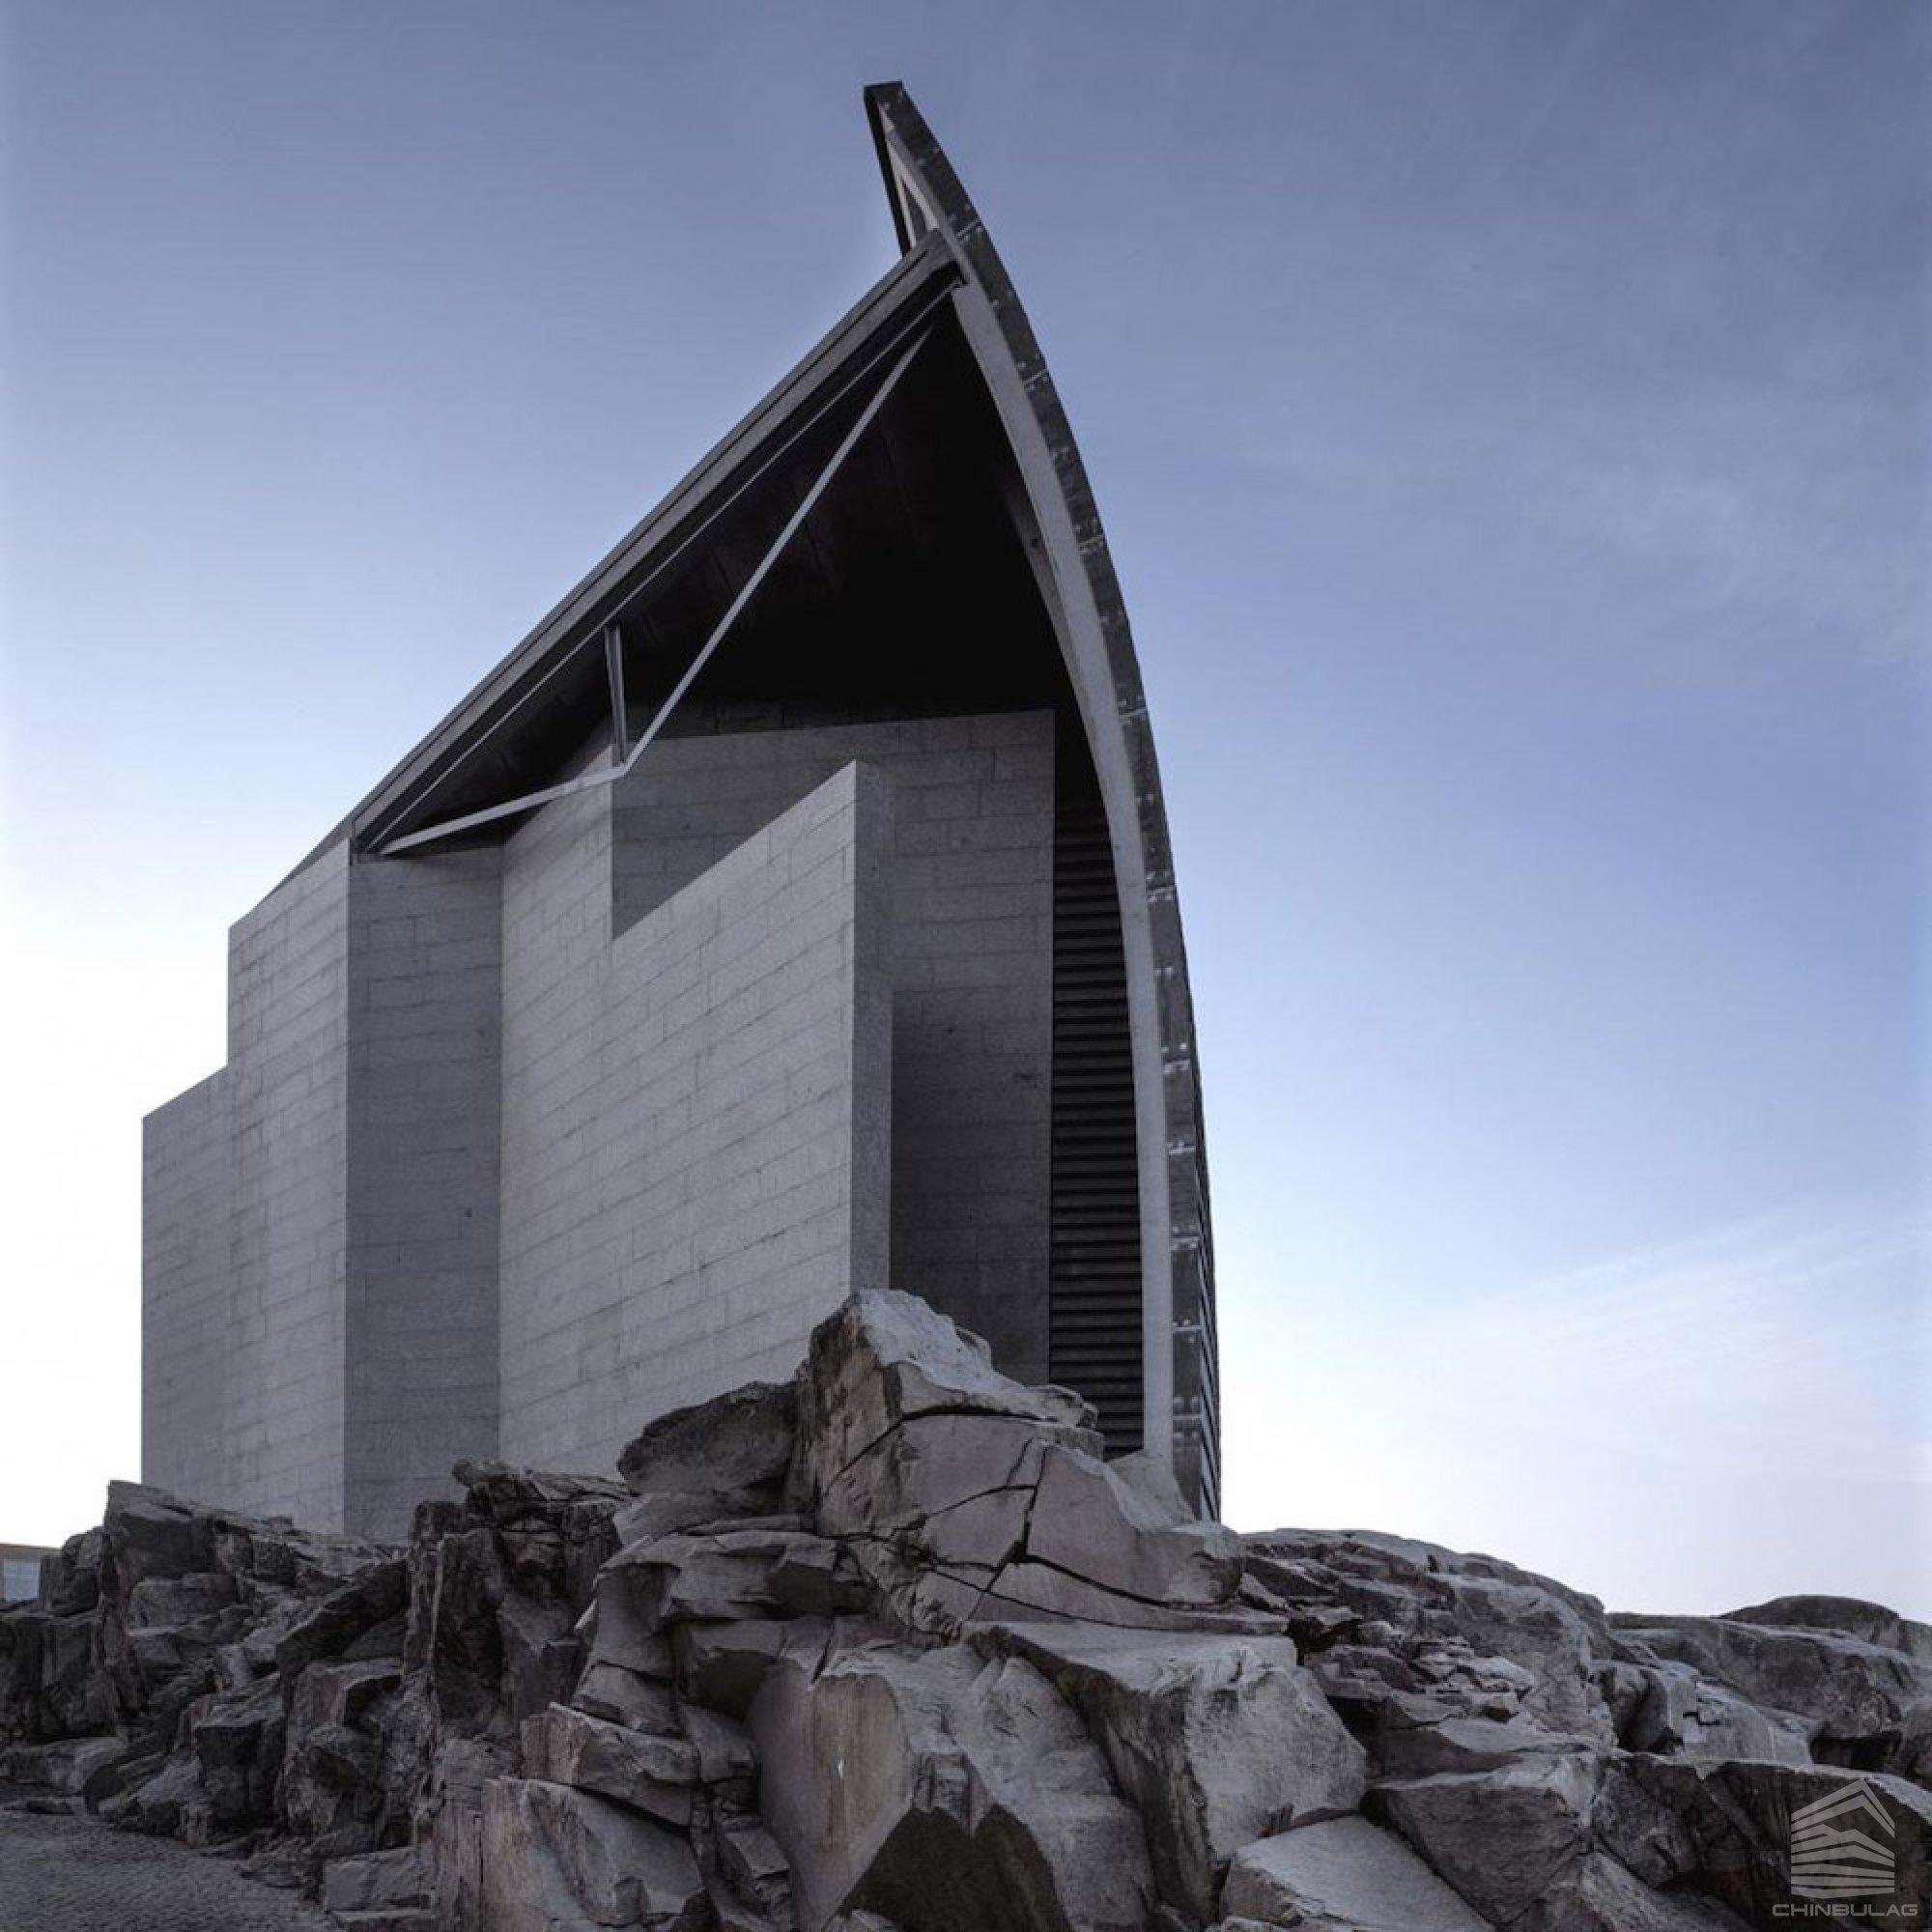 Архитектурын гайхамшиг: 2019 оны шилдэг архитектор Арата Исозакигийн сор бүтээлүүд